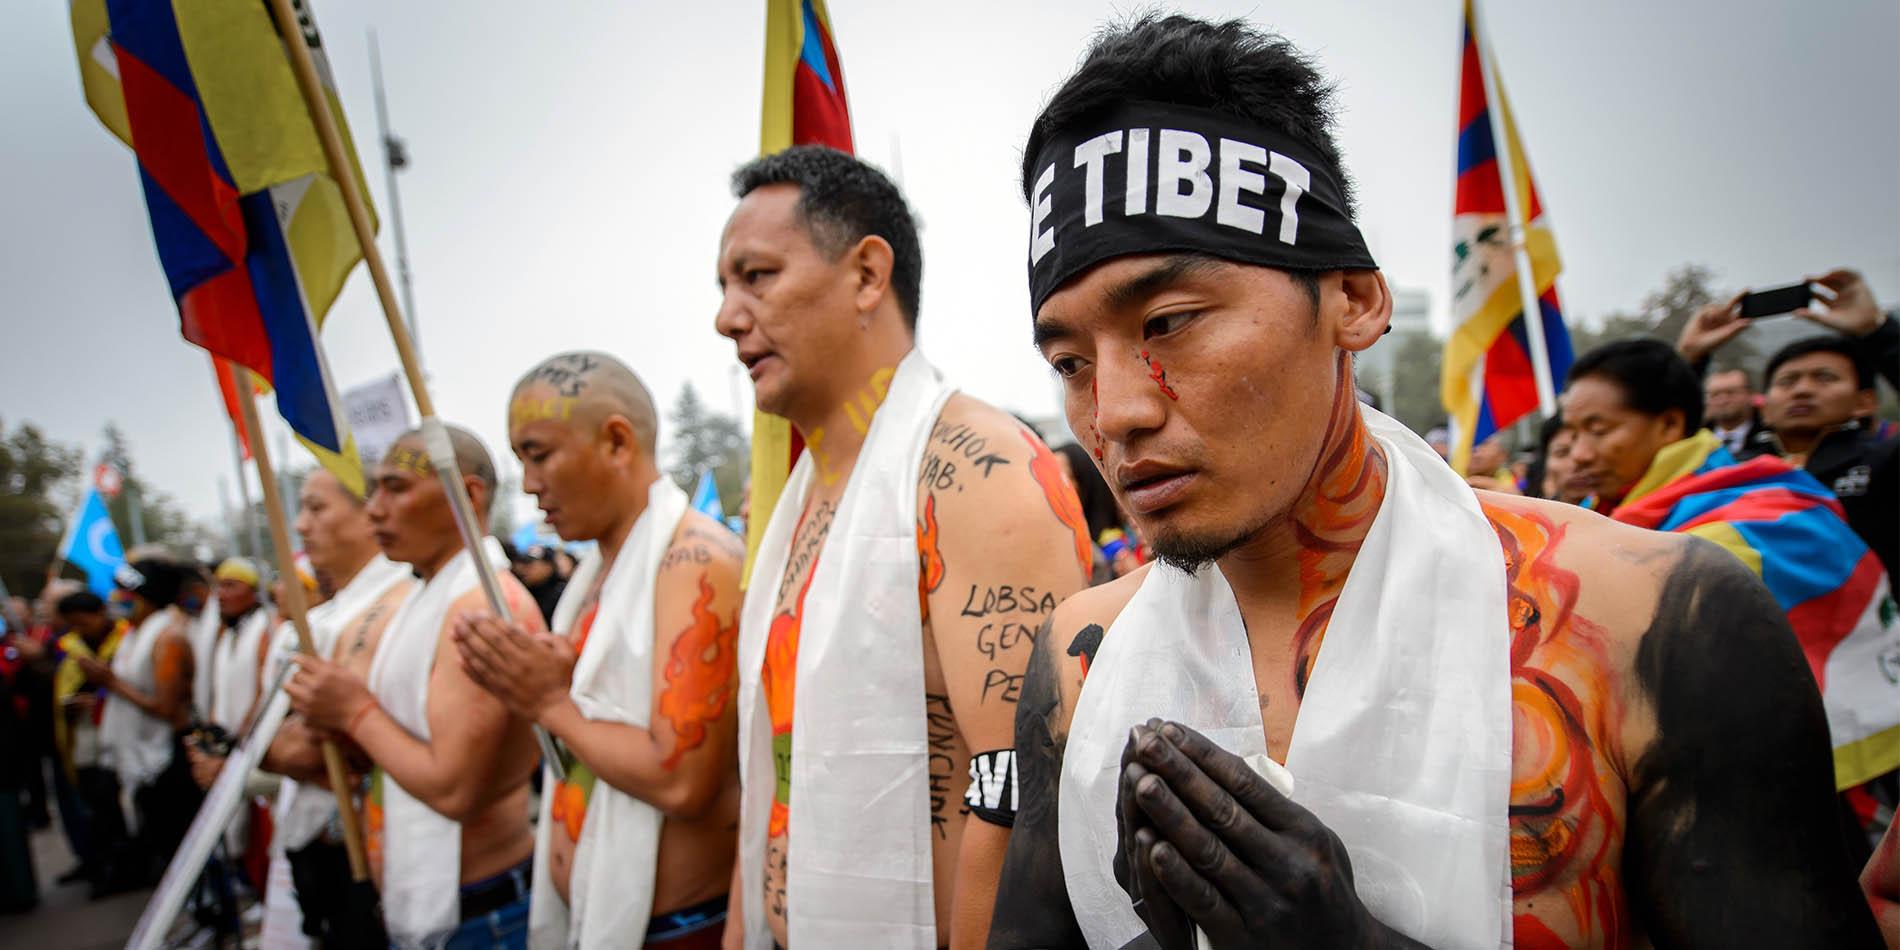 ชาวทิเบตแสดงให้เห็นถึงสิทธิมนุษยชน